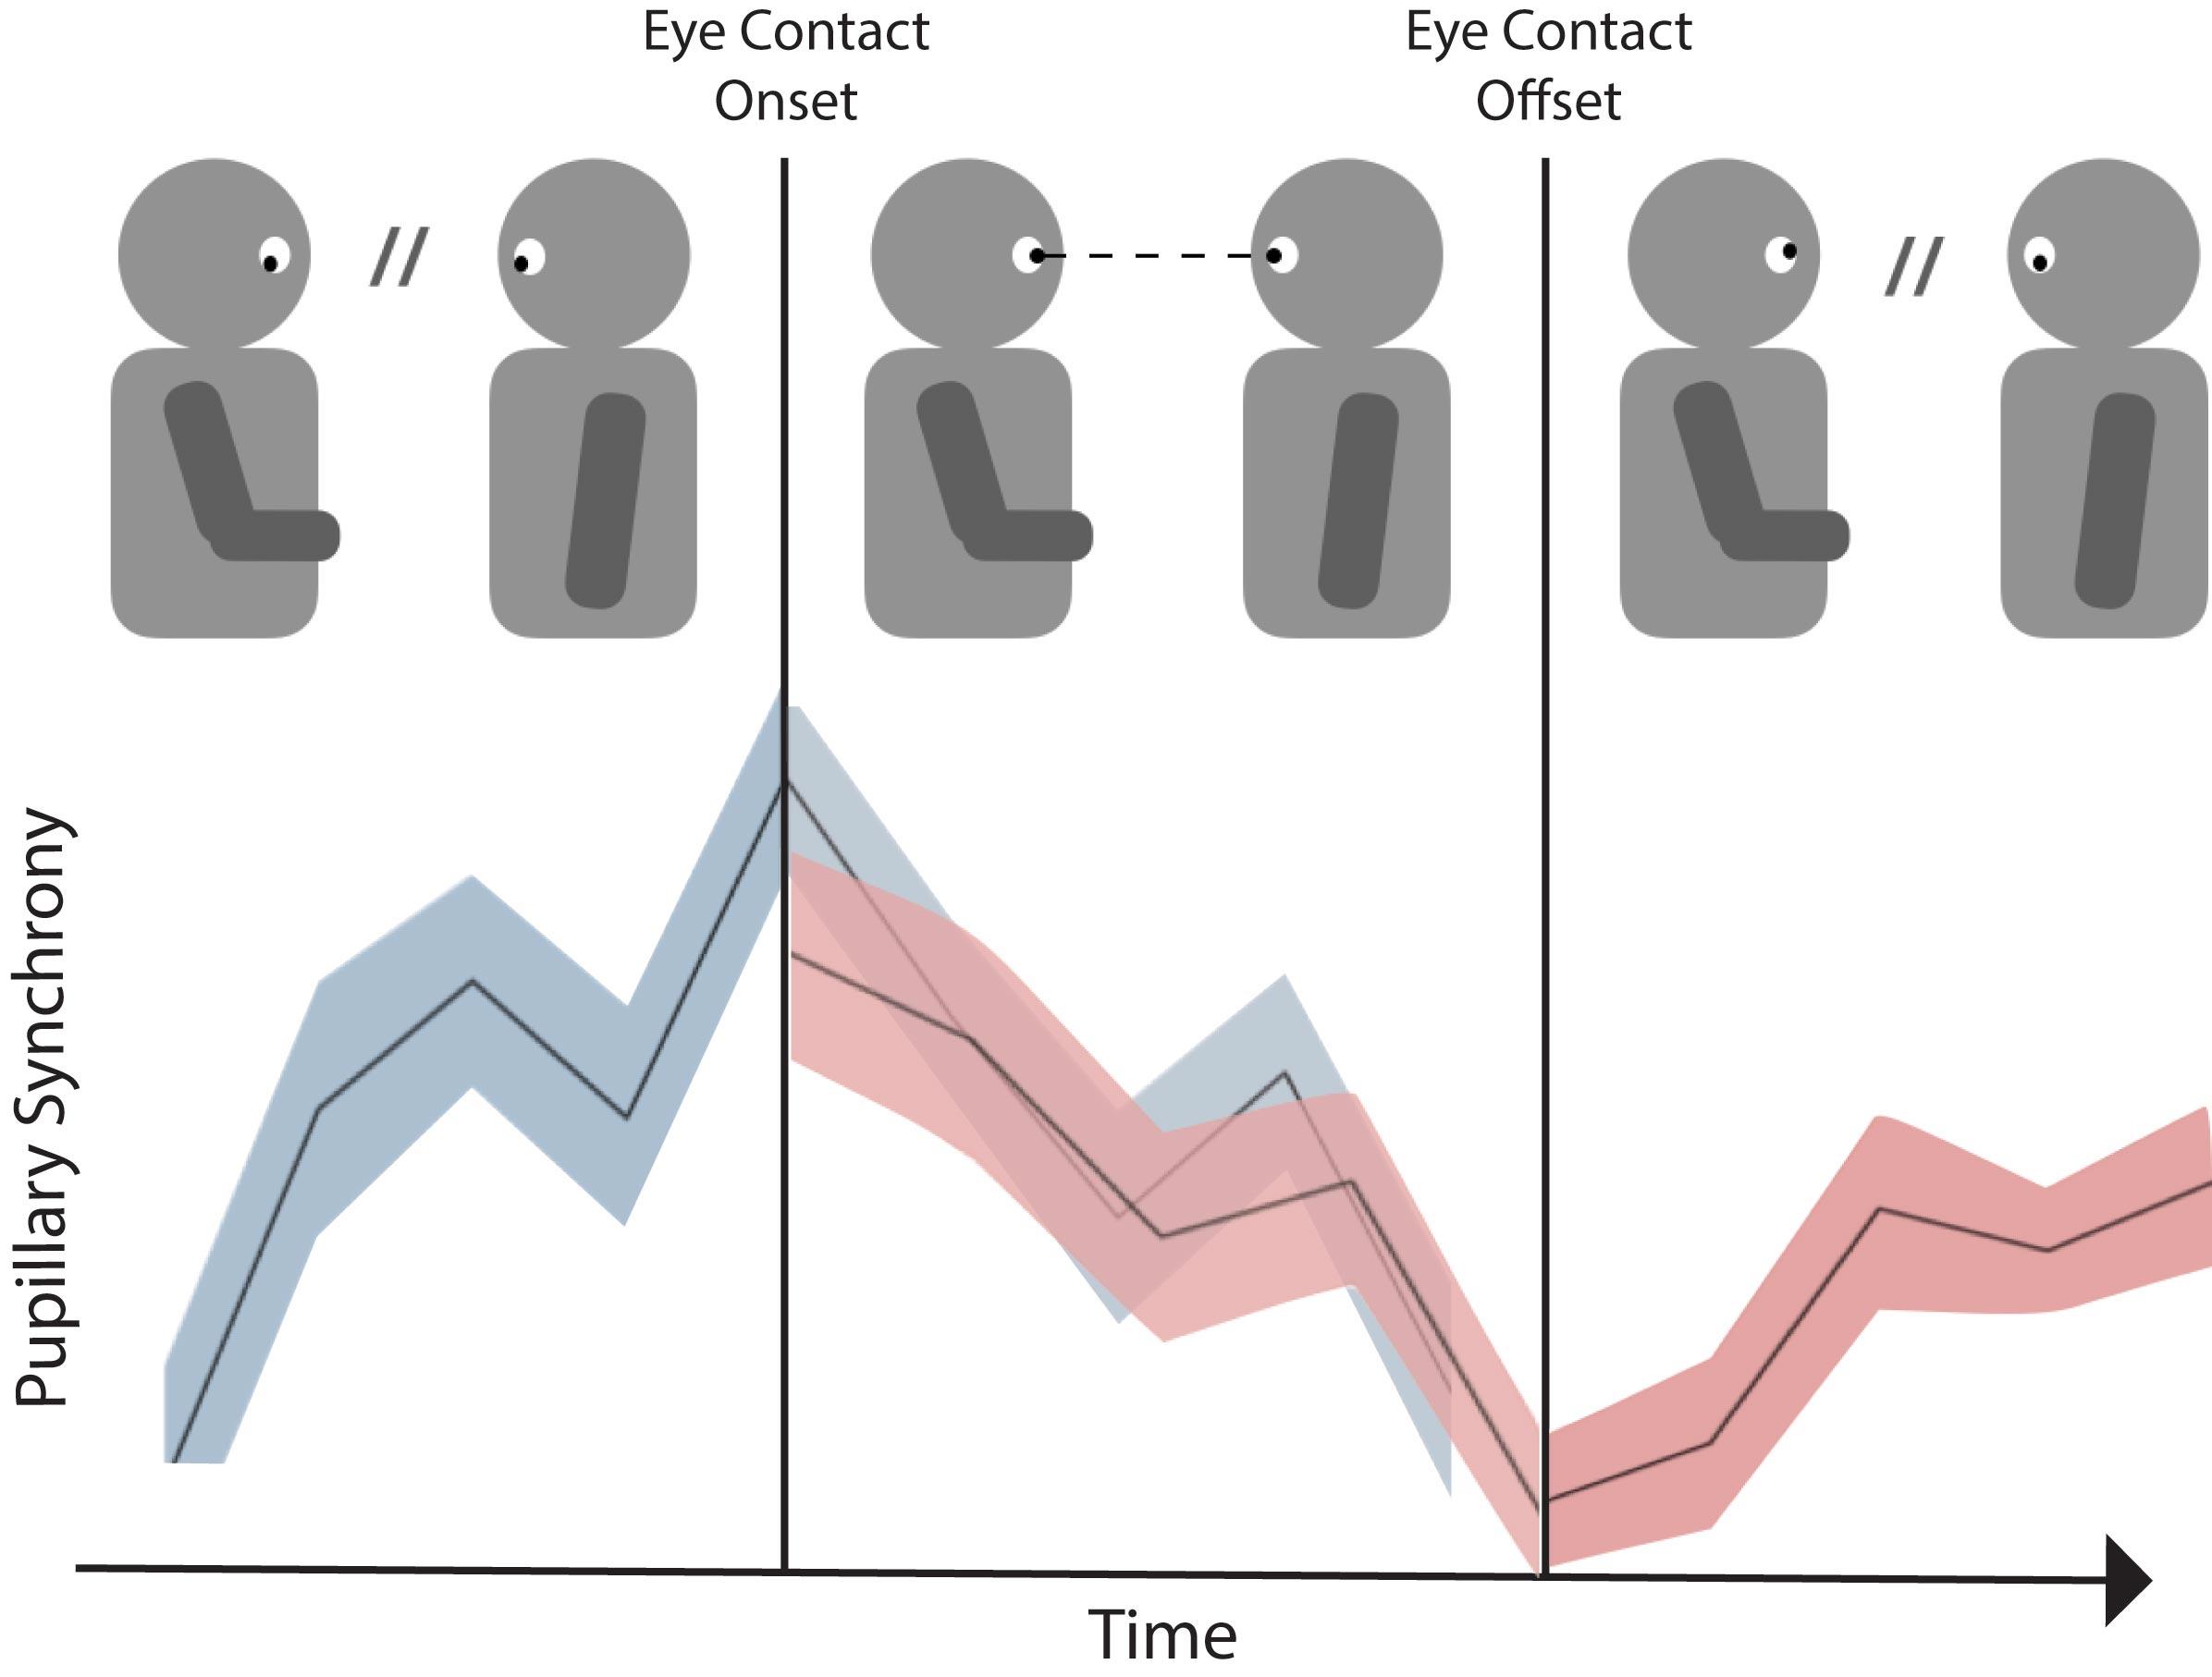 Ученые выяснили, как зрительный контакт делает беседу более увлекательной